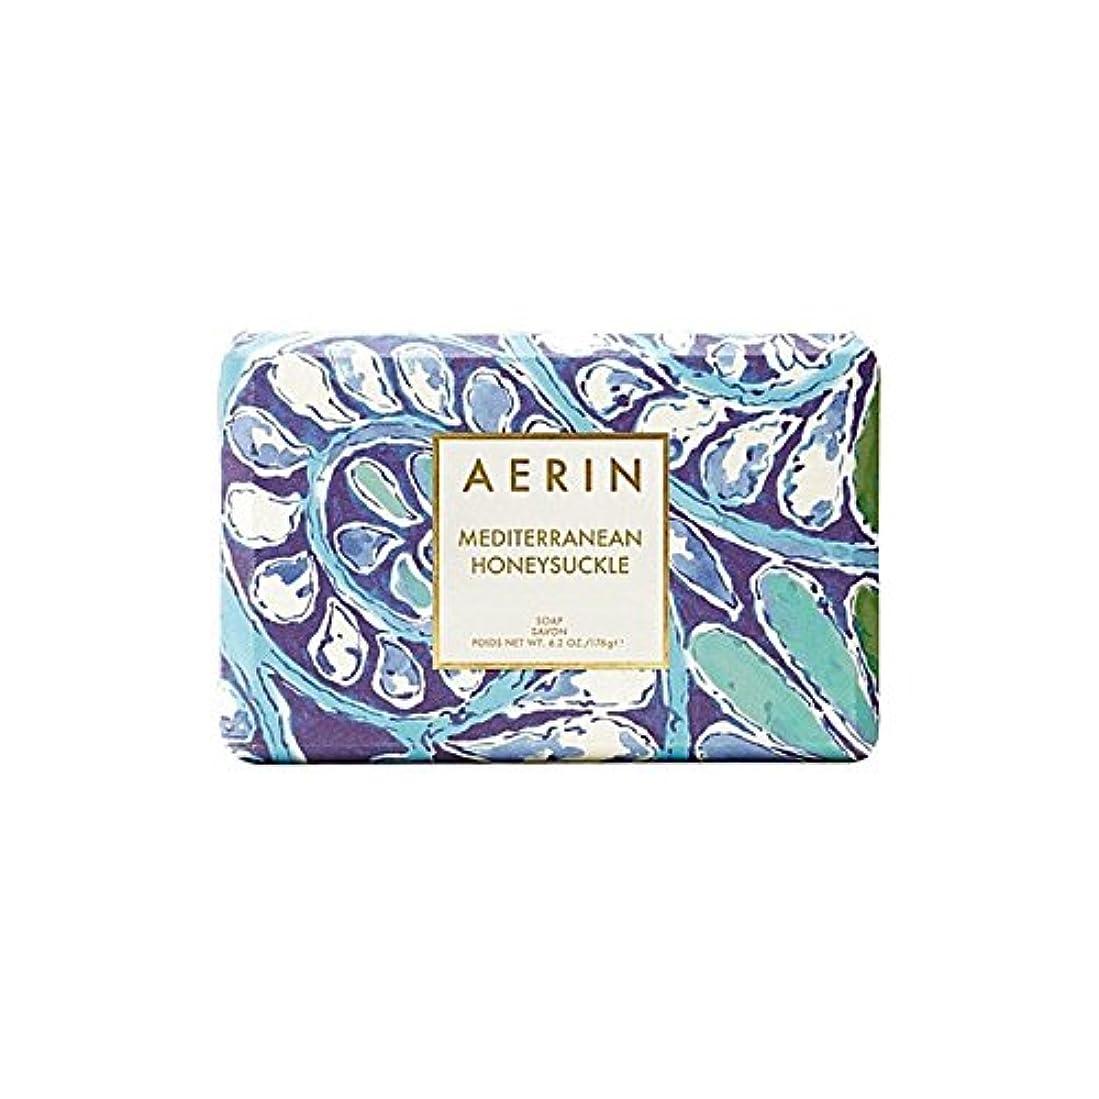 増幅マインドビバAerin Mediterrenean Honeysuckle Bar Soap 176G - スイカズラ固形石鹸176グラム [並行輸入品]